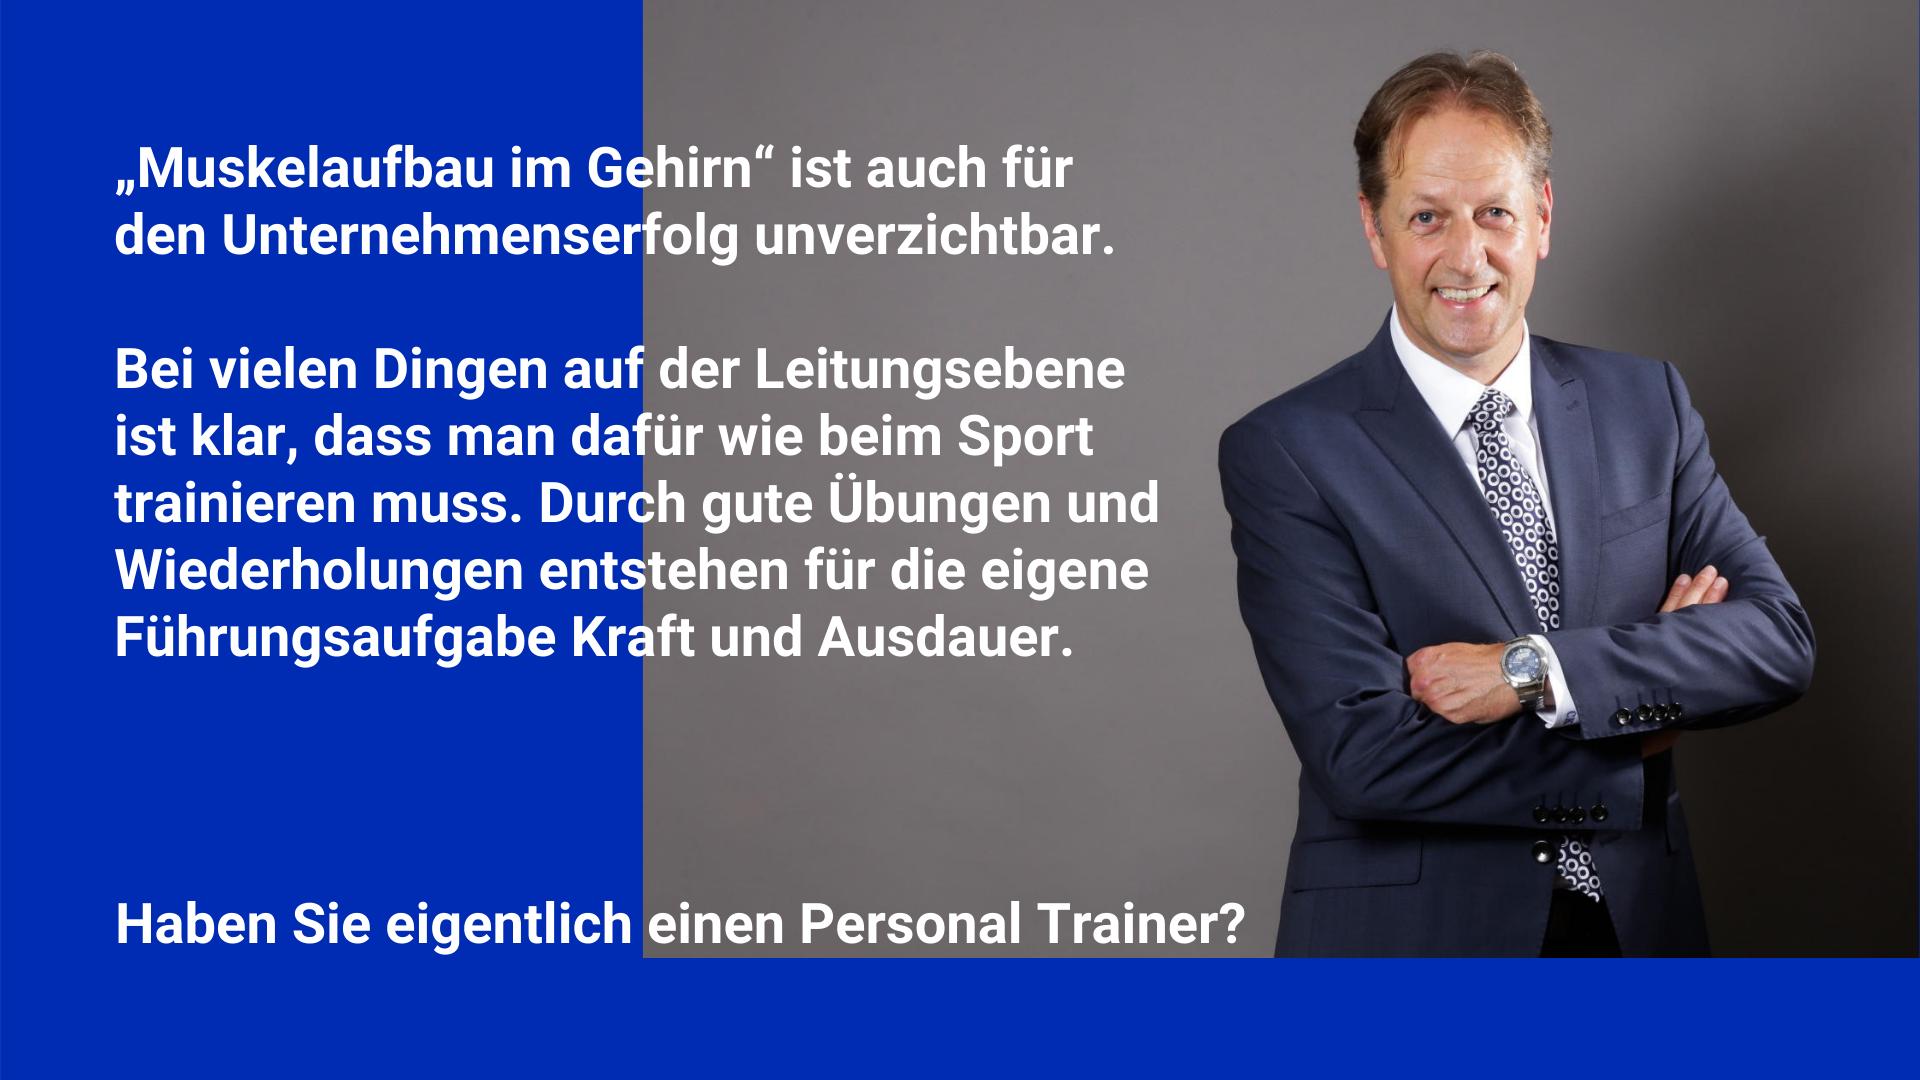 Haben Sie eigentlich einen Personal Trainer?